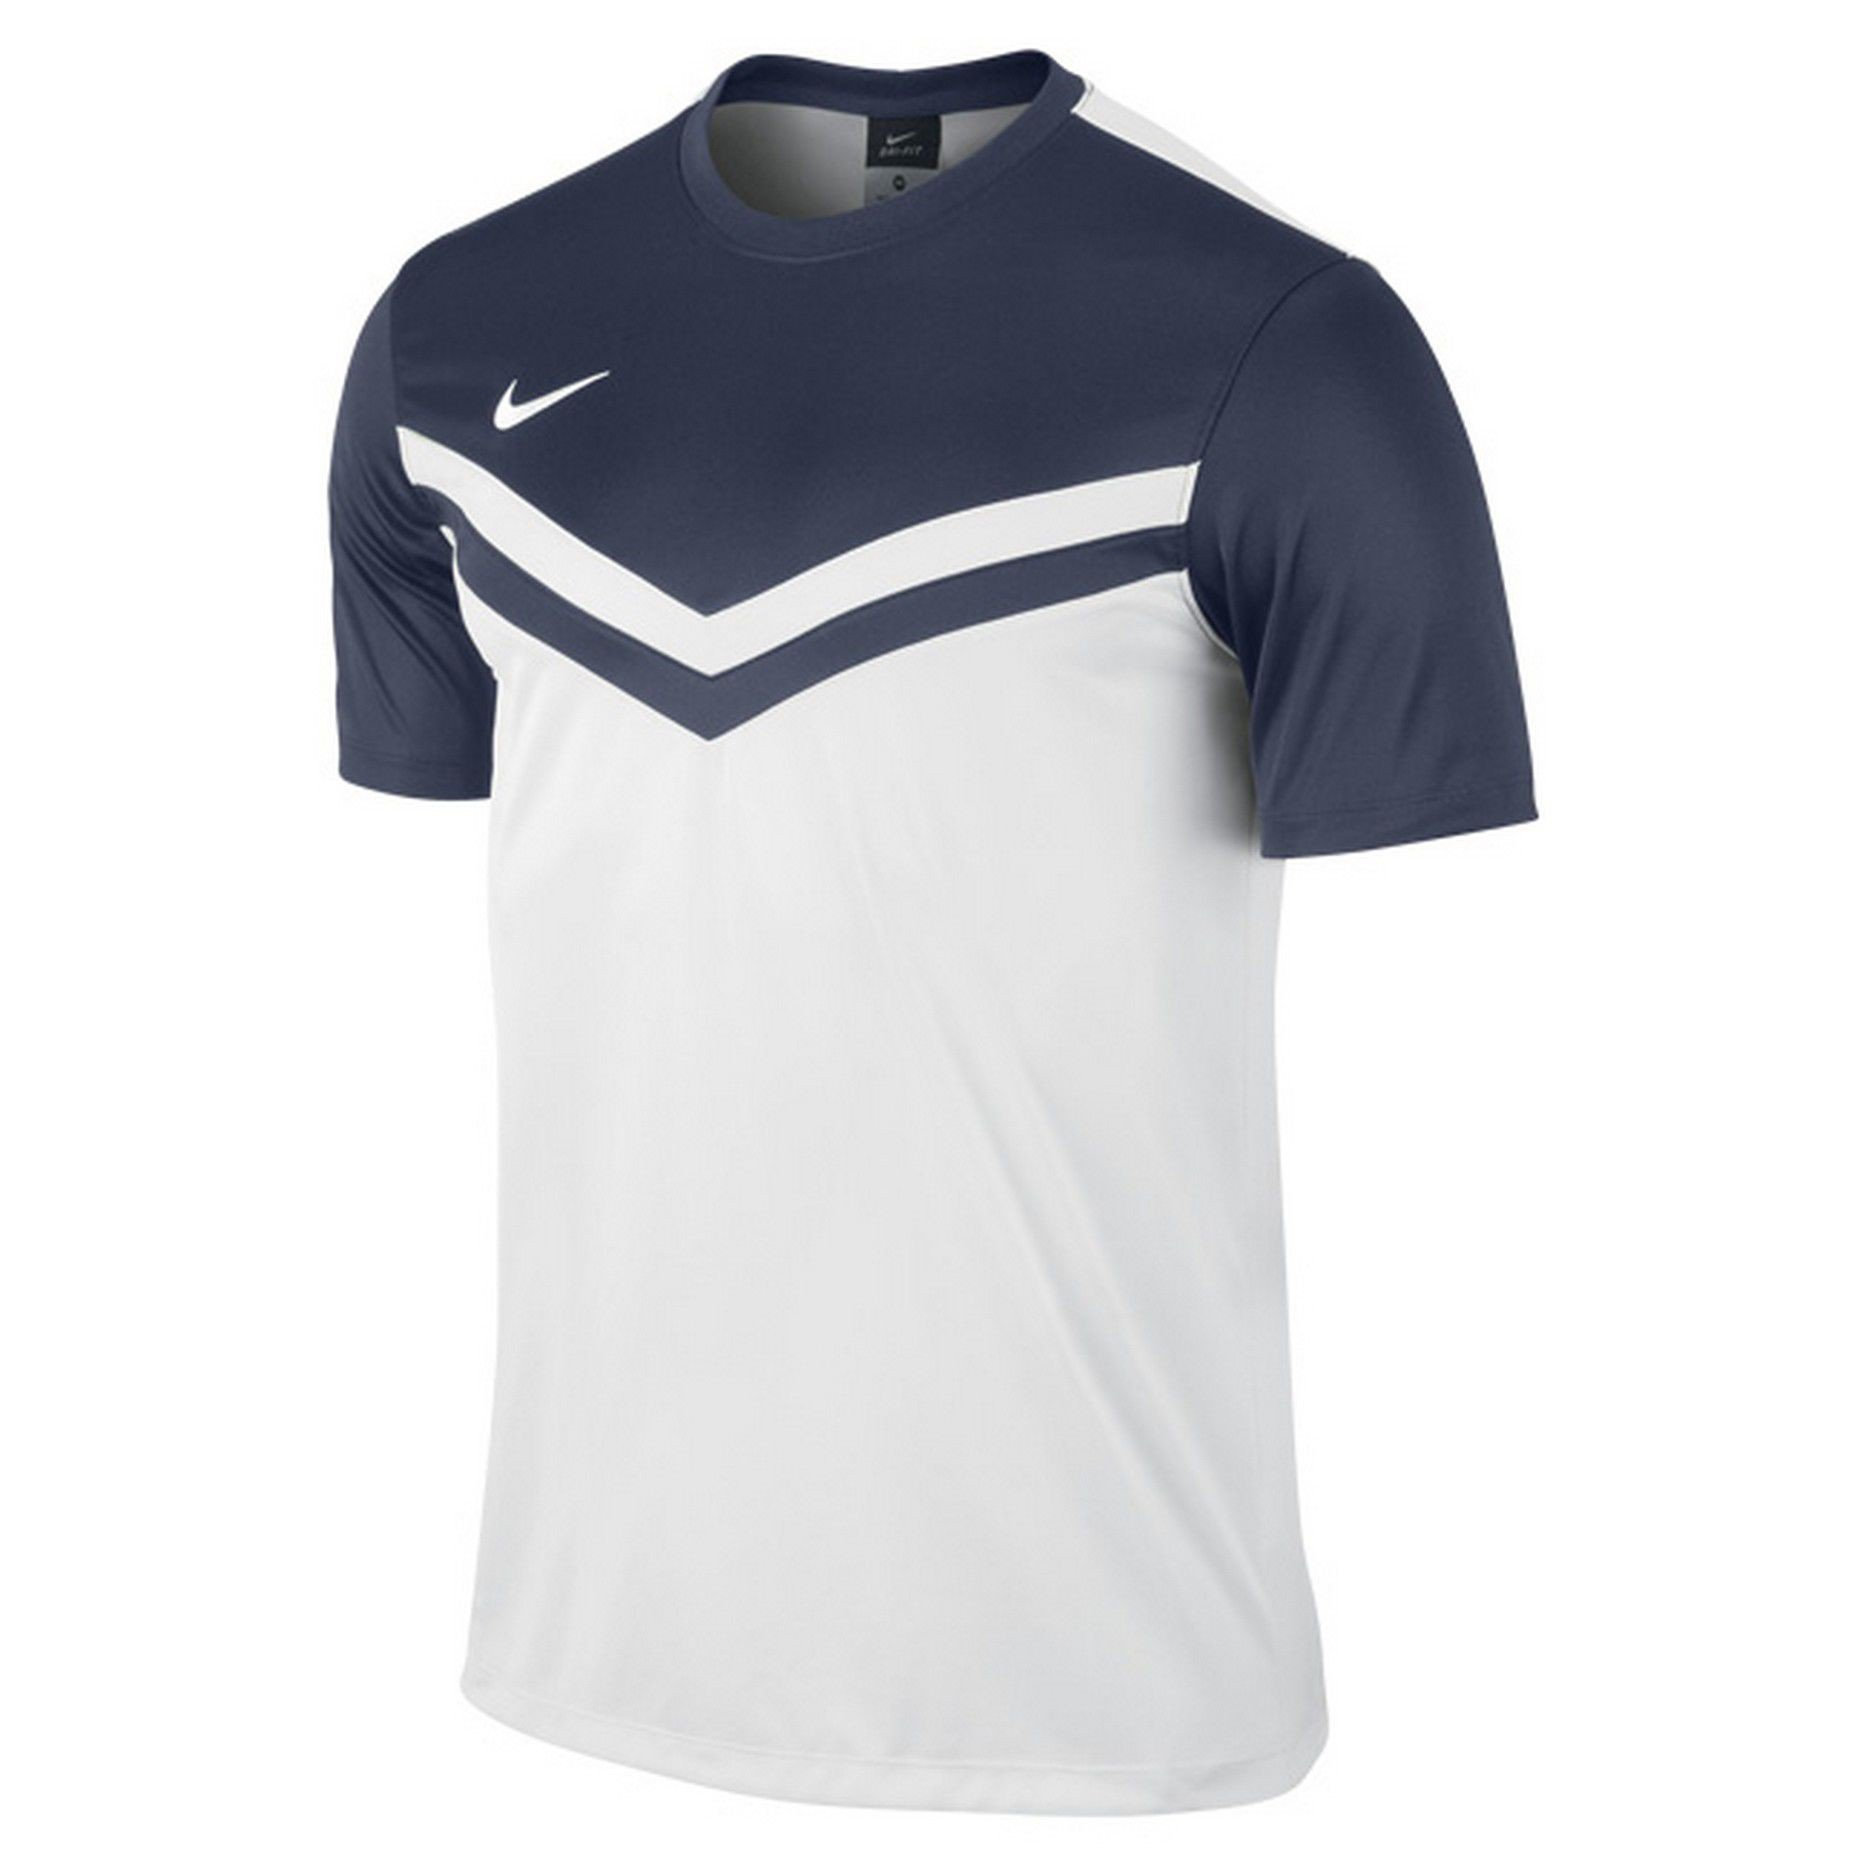 69fcd6a40 Męska Koszulka Piłkarska Nike Victory II Jersey (588408-100) Kliknij, aby  powiększyć ...